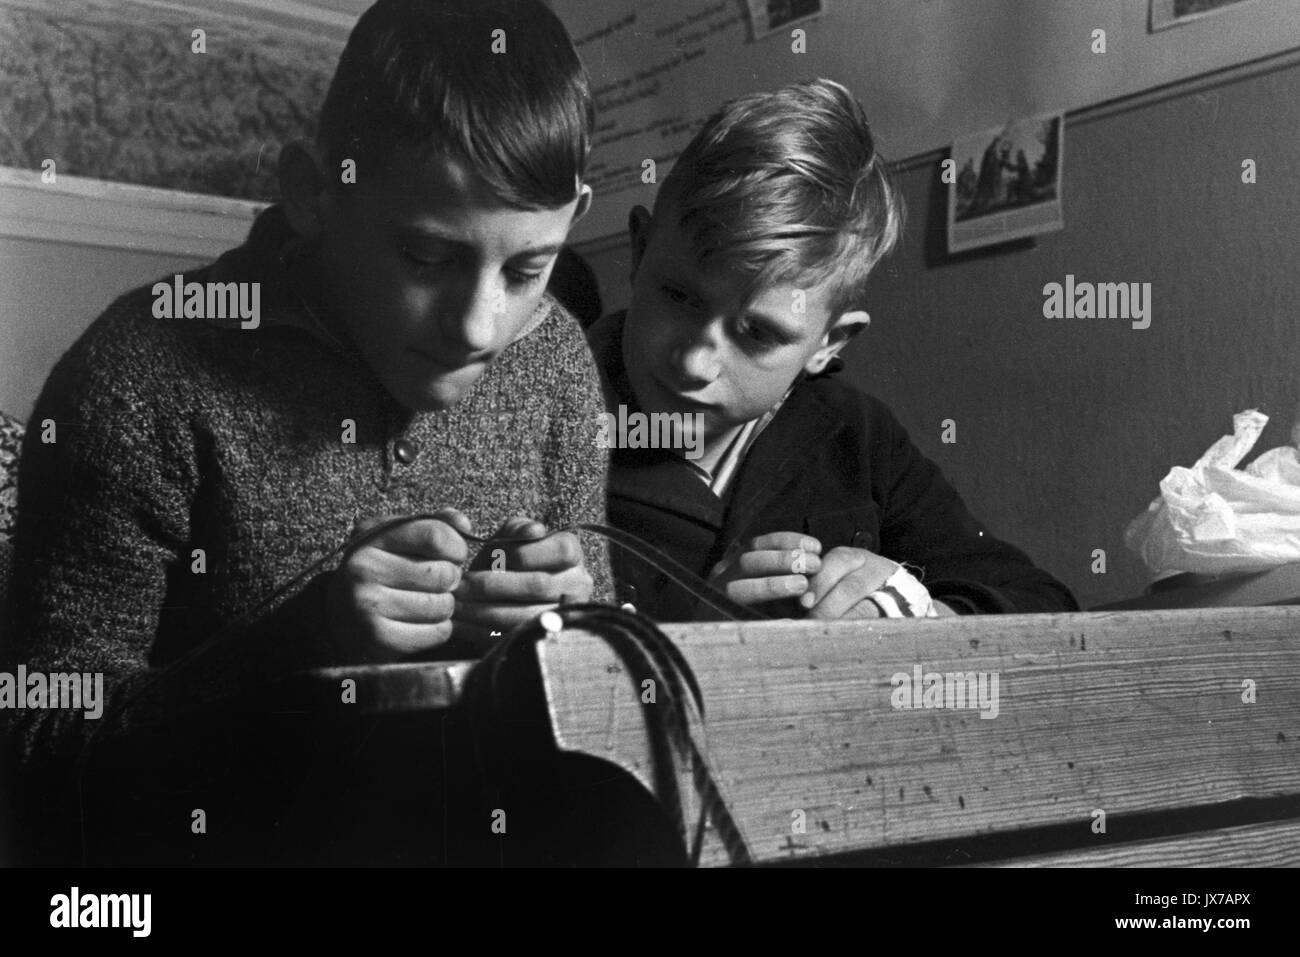 Des écoliers à la pellicule celluloïd à l'ancienne dans la salle de classe. Banque D'Images